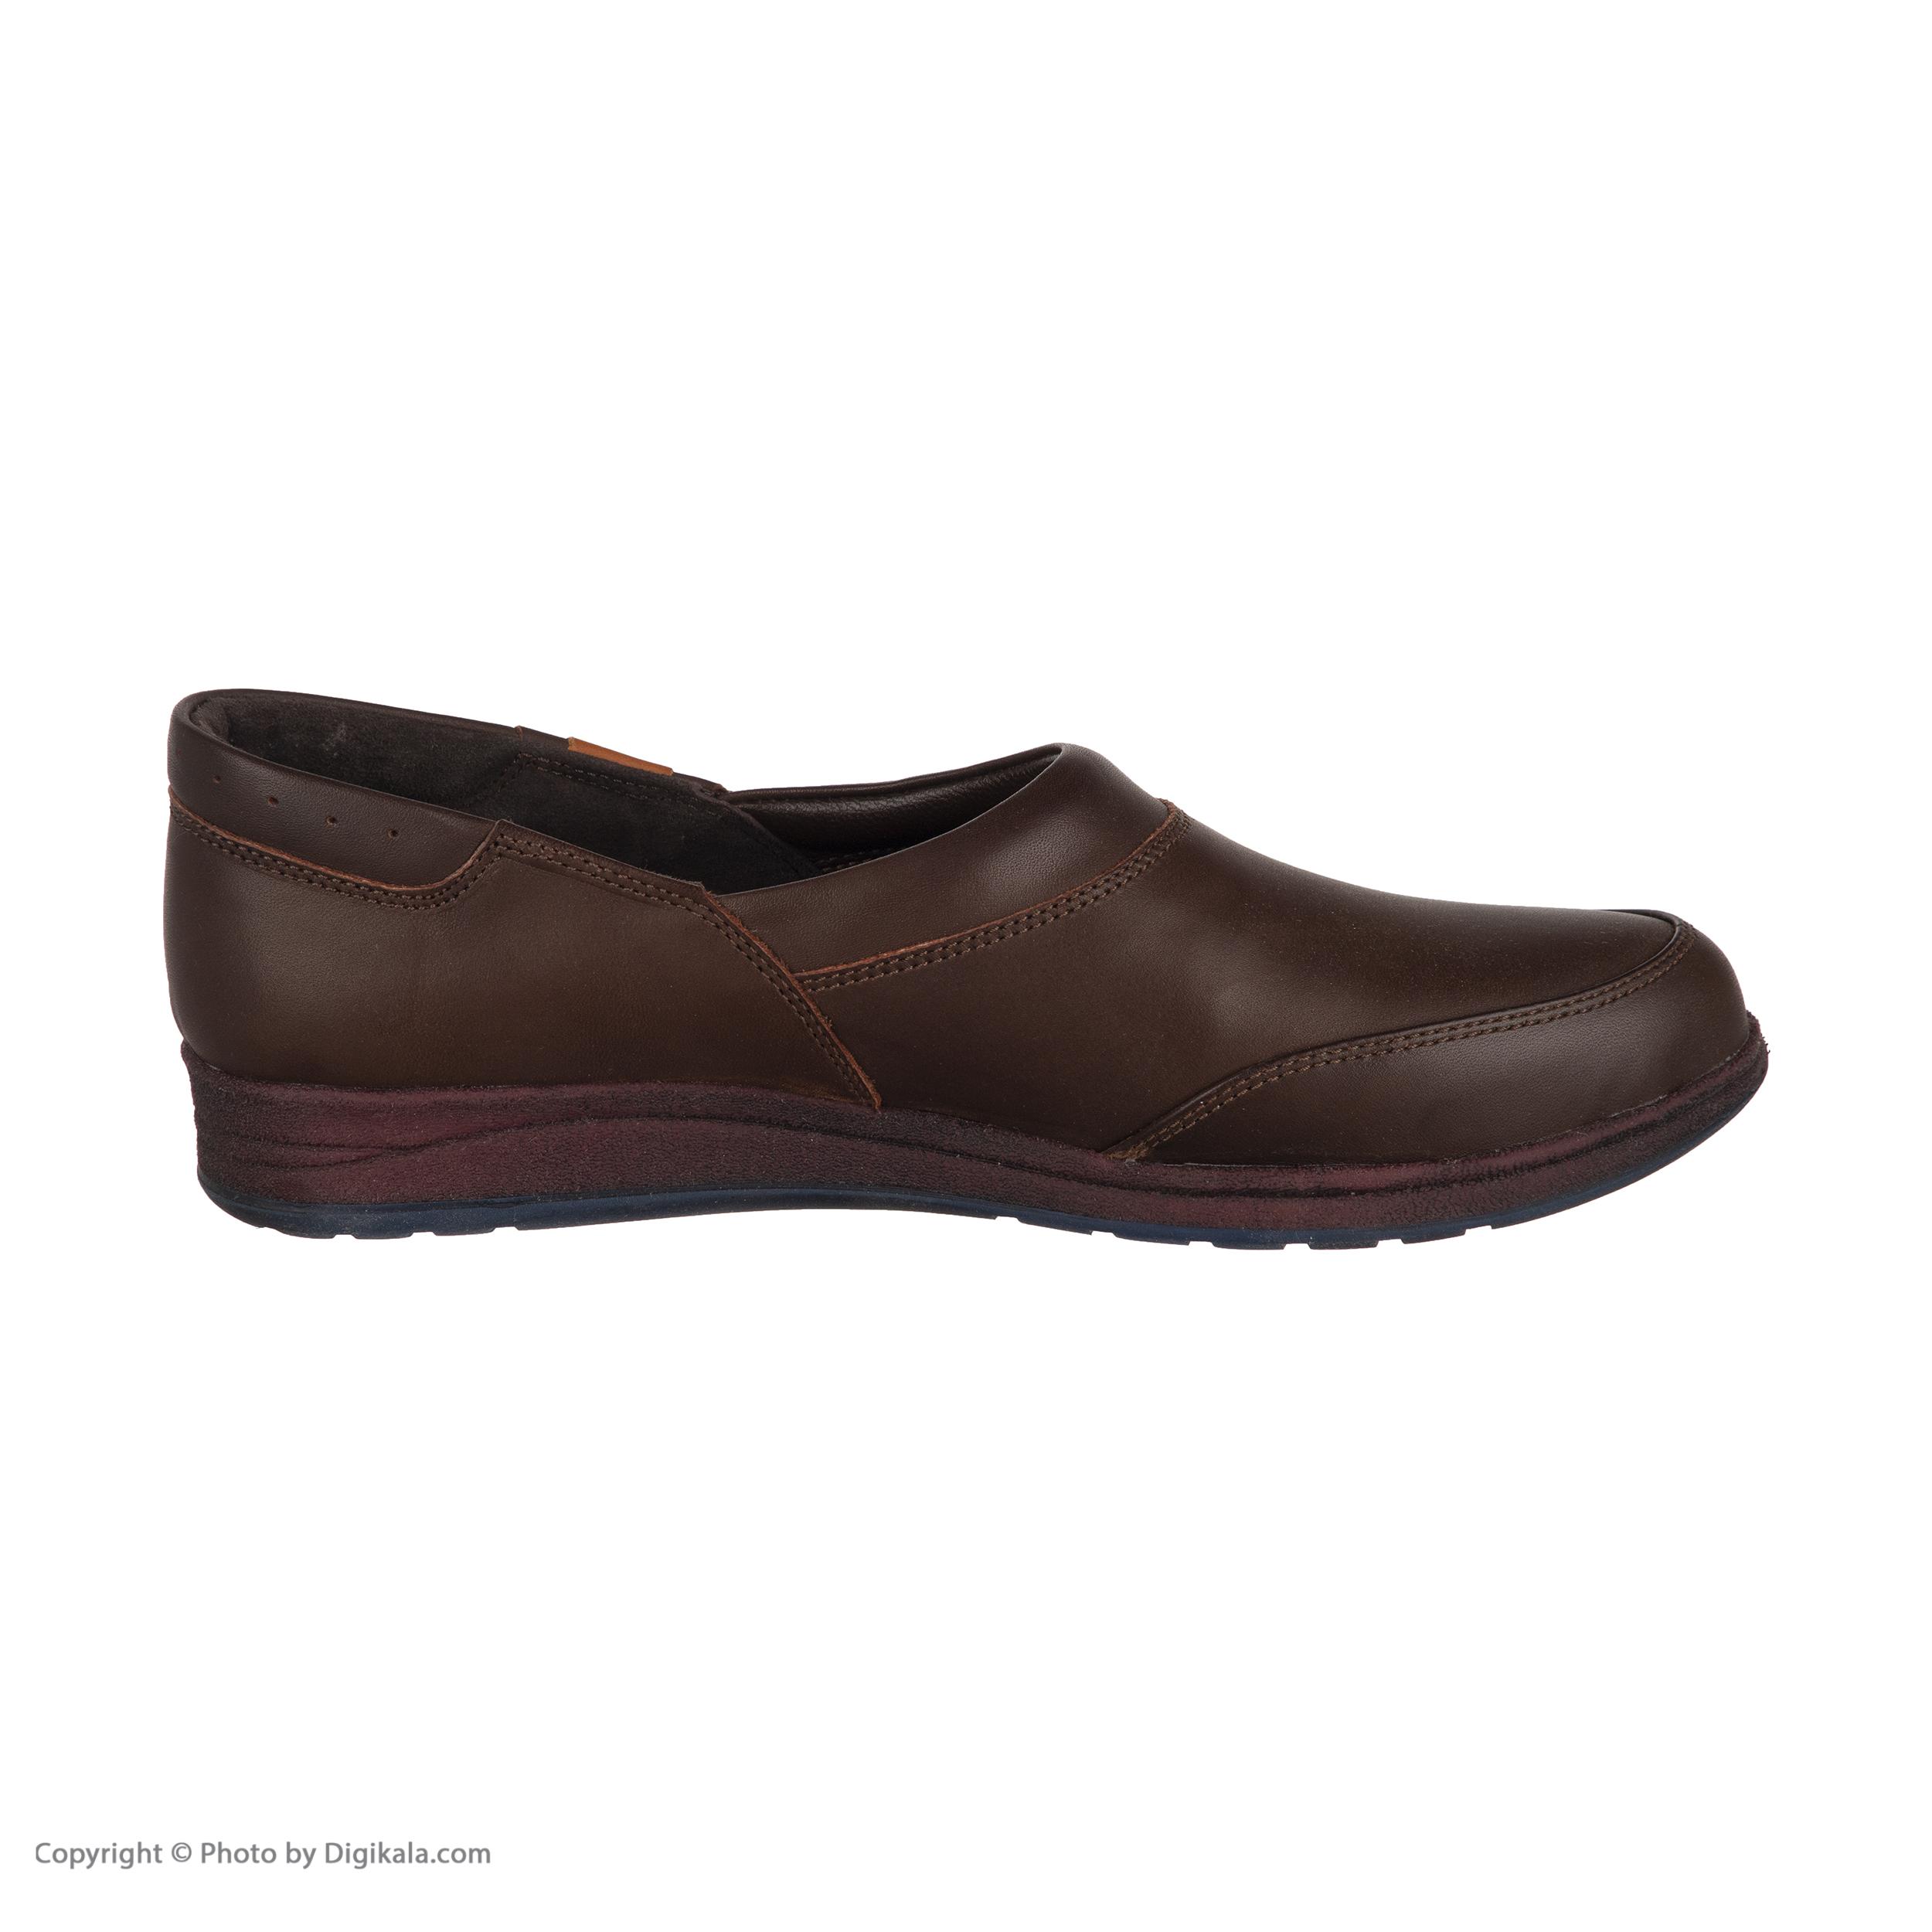 کفش روزمره زنانه سوته مدل 2959B500104 -  - 5